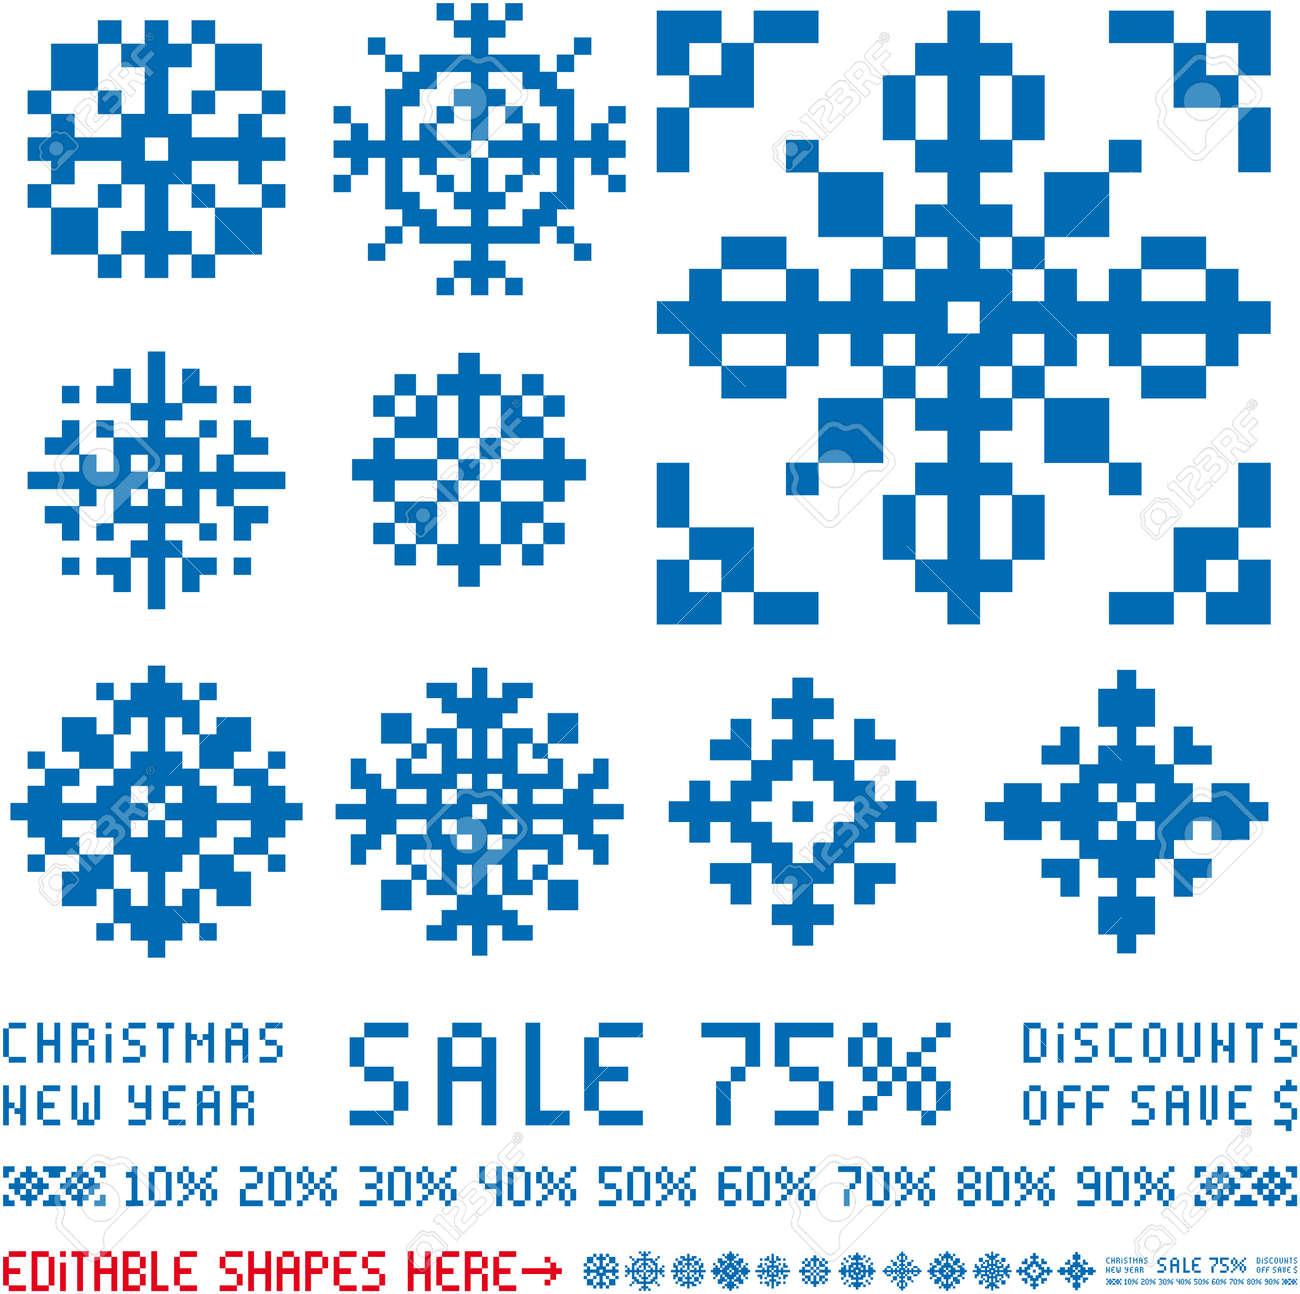 Dessins De Flocons De Neige Vecteur Vente Noël Dans Un Style Rétro Pixel